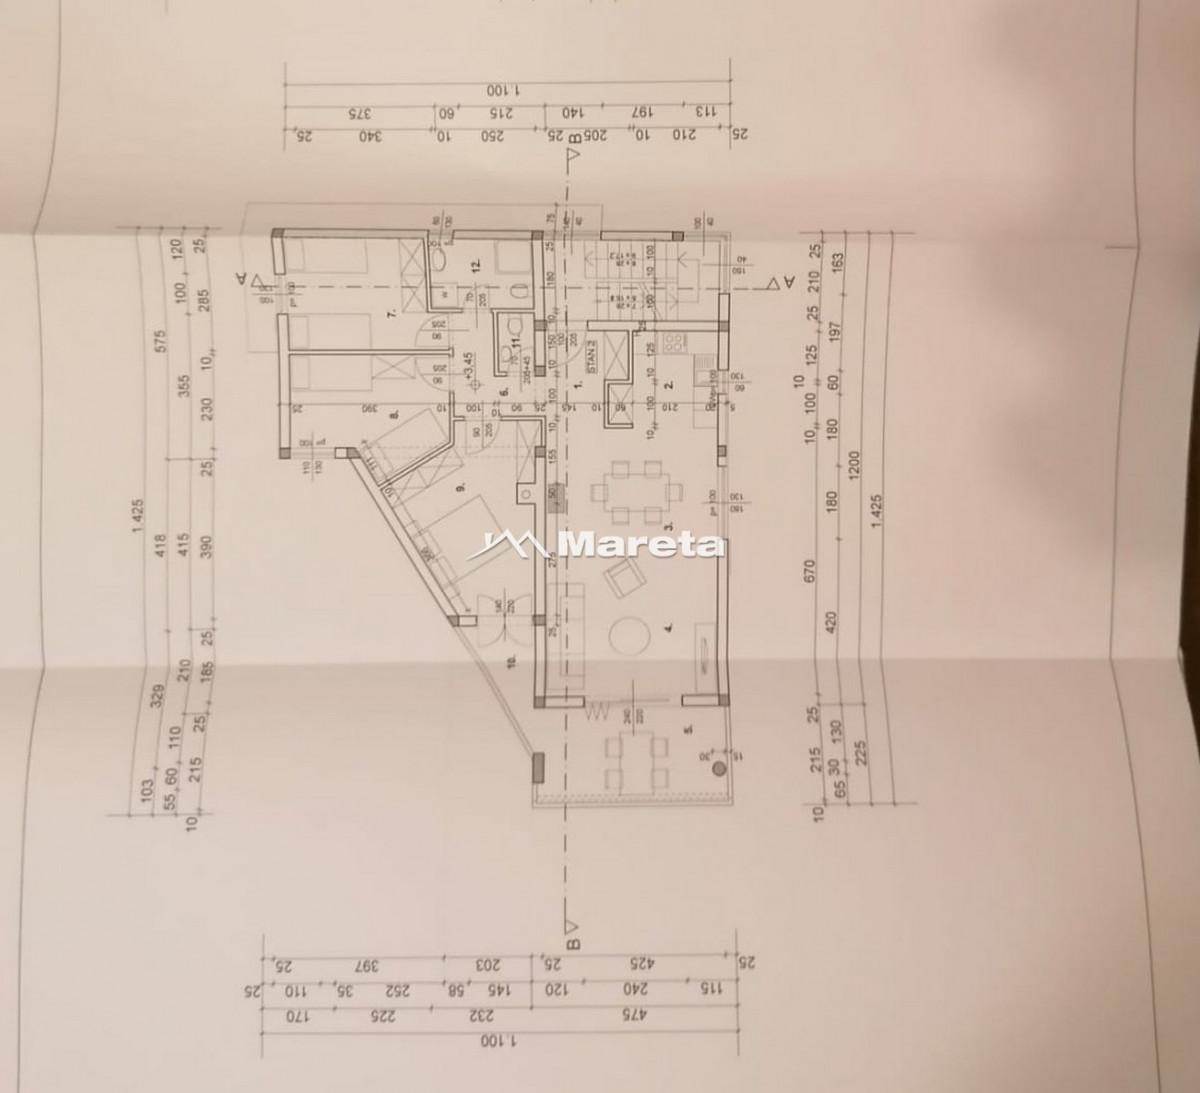 VIR - 3 SOBNI APARTMAN - NOVOGRADNJA- 118 m2